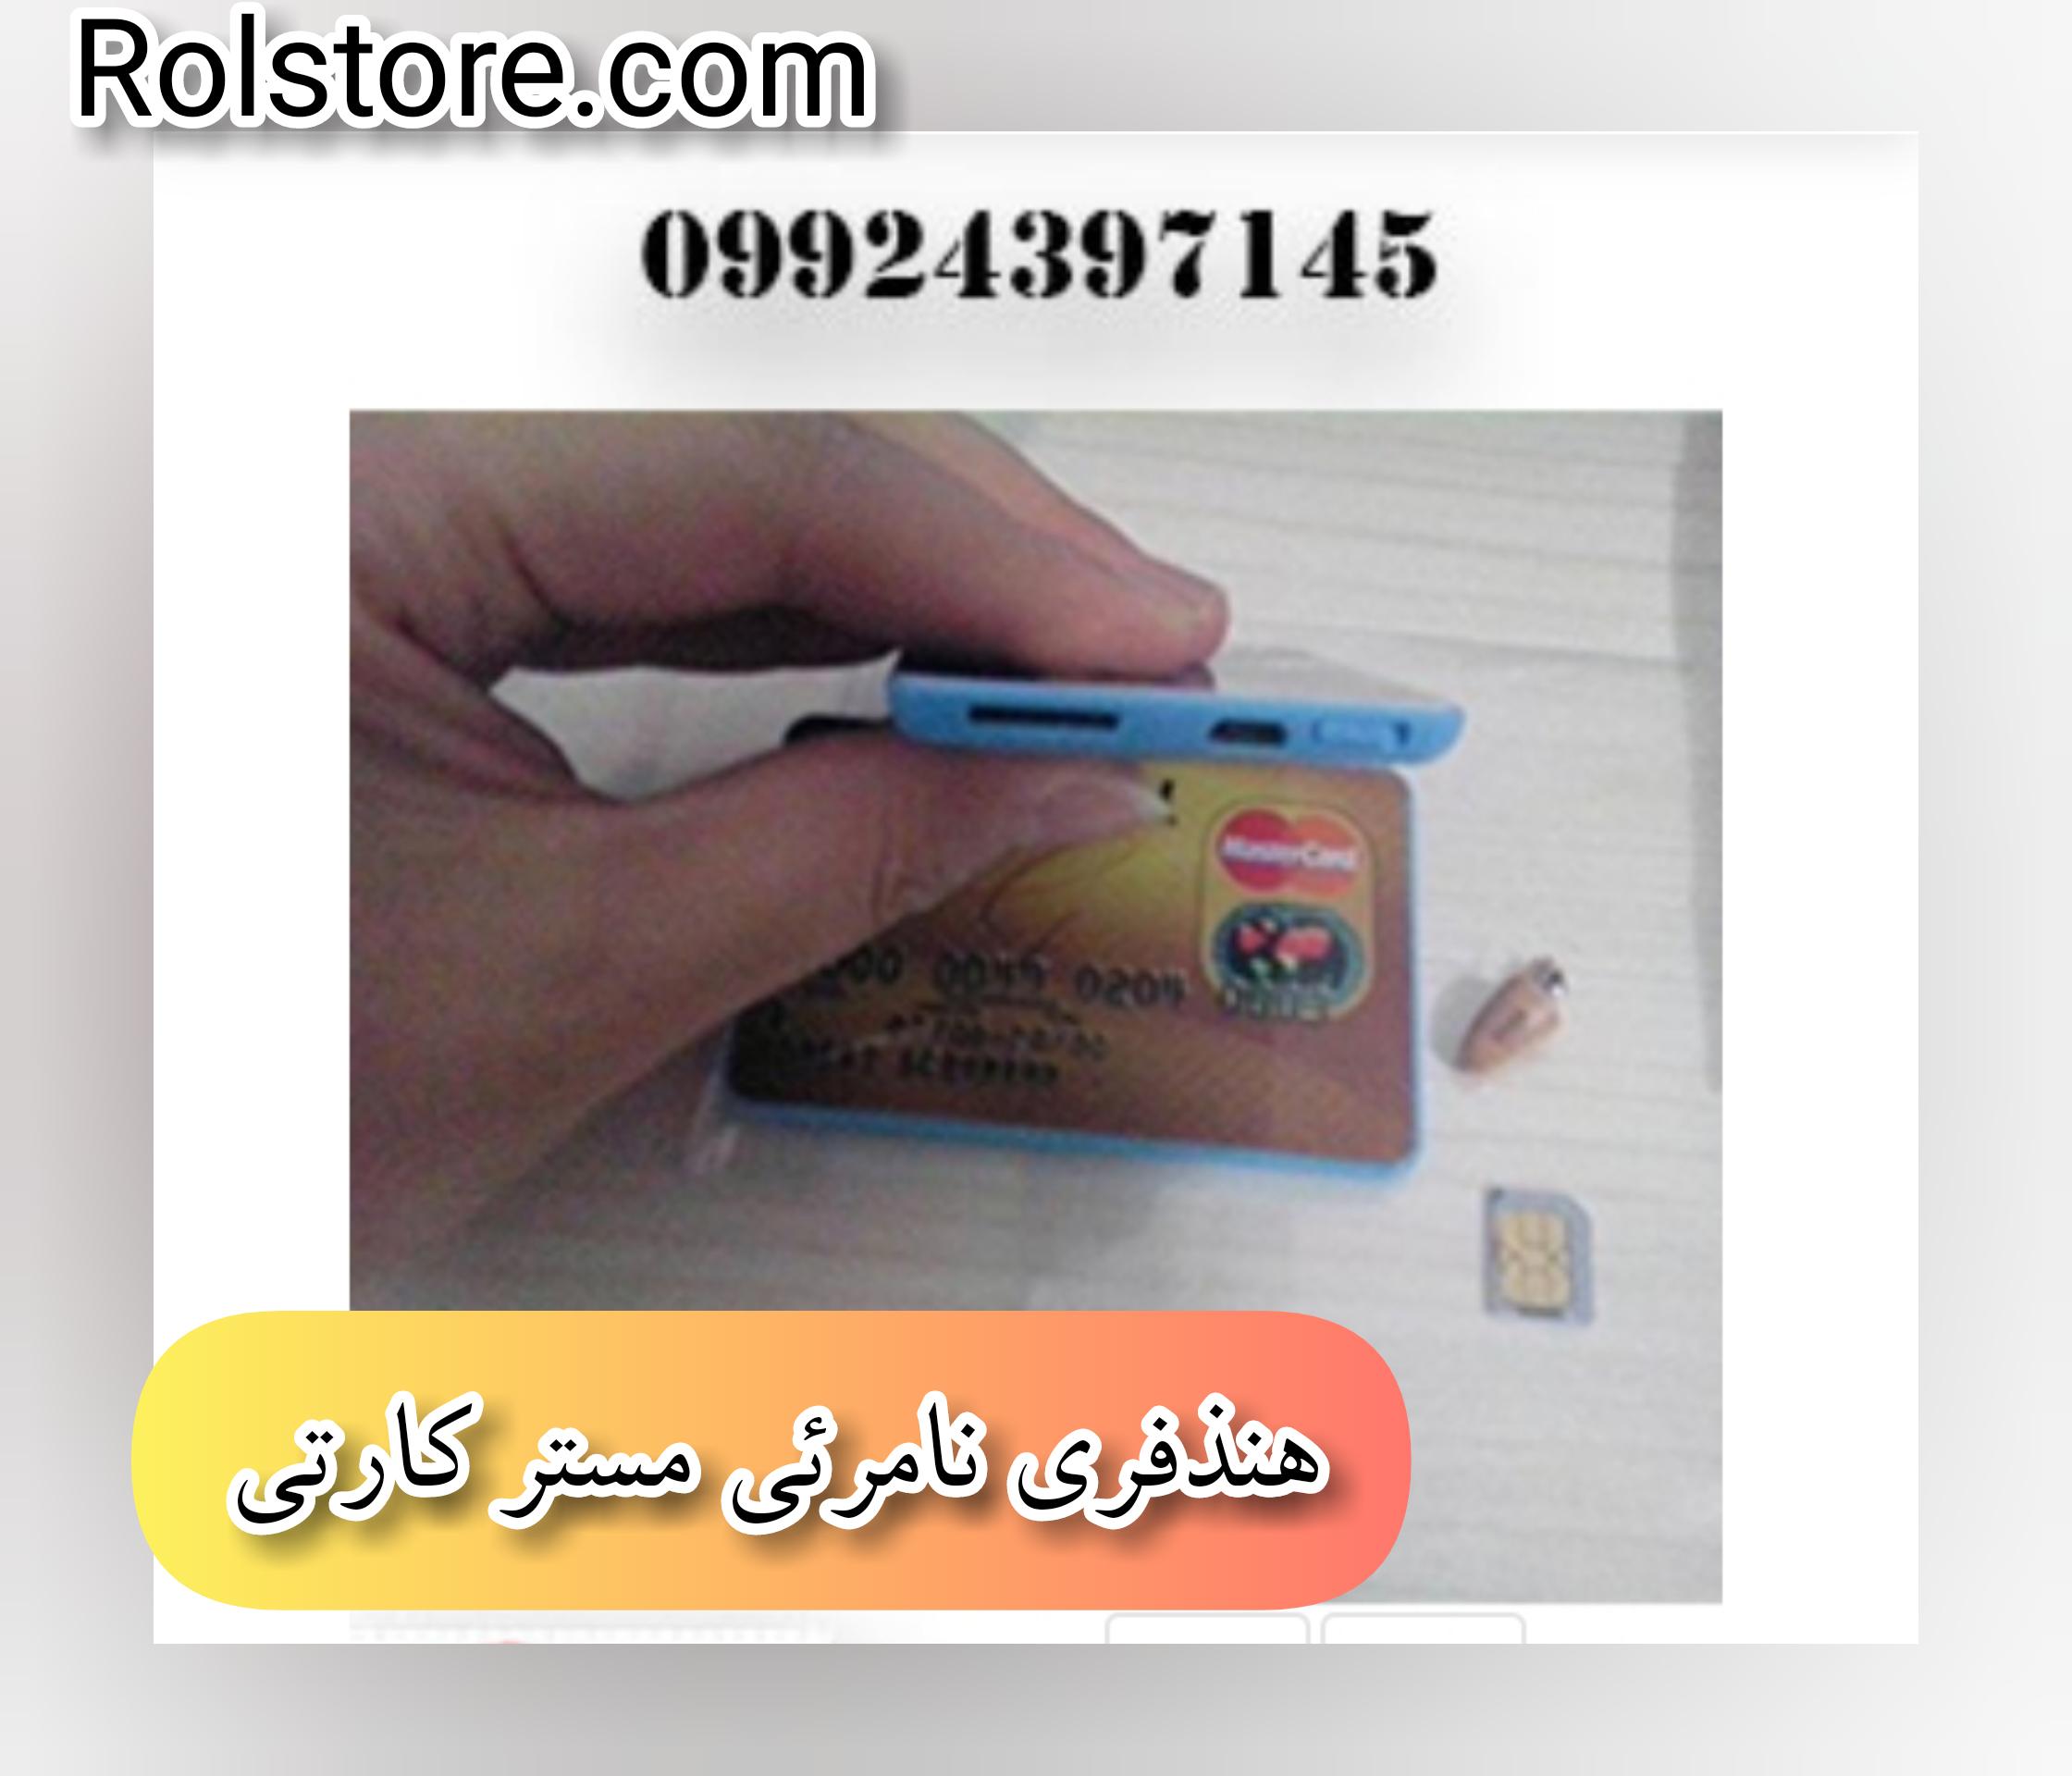 هنذفری رنگ پوست/۰۹۹۲۴۳۹۷۱۴۵/هندزفری نامرئی مستر کارتی VIP سیمکارتخور با هندزفری رنگ پوست